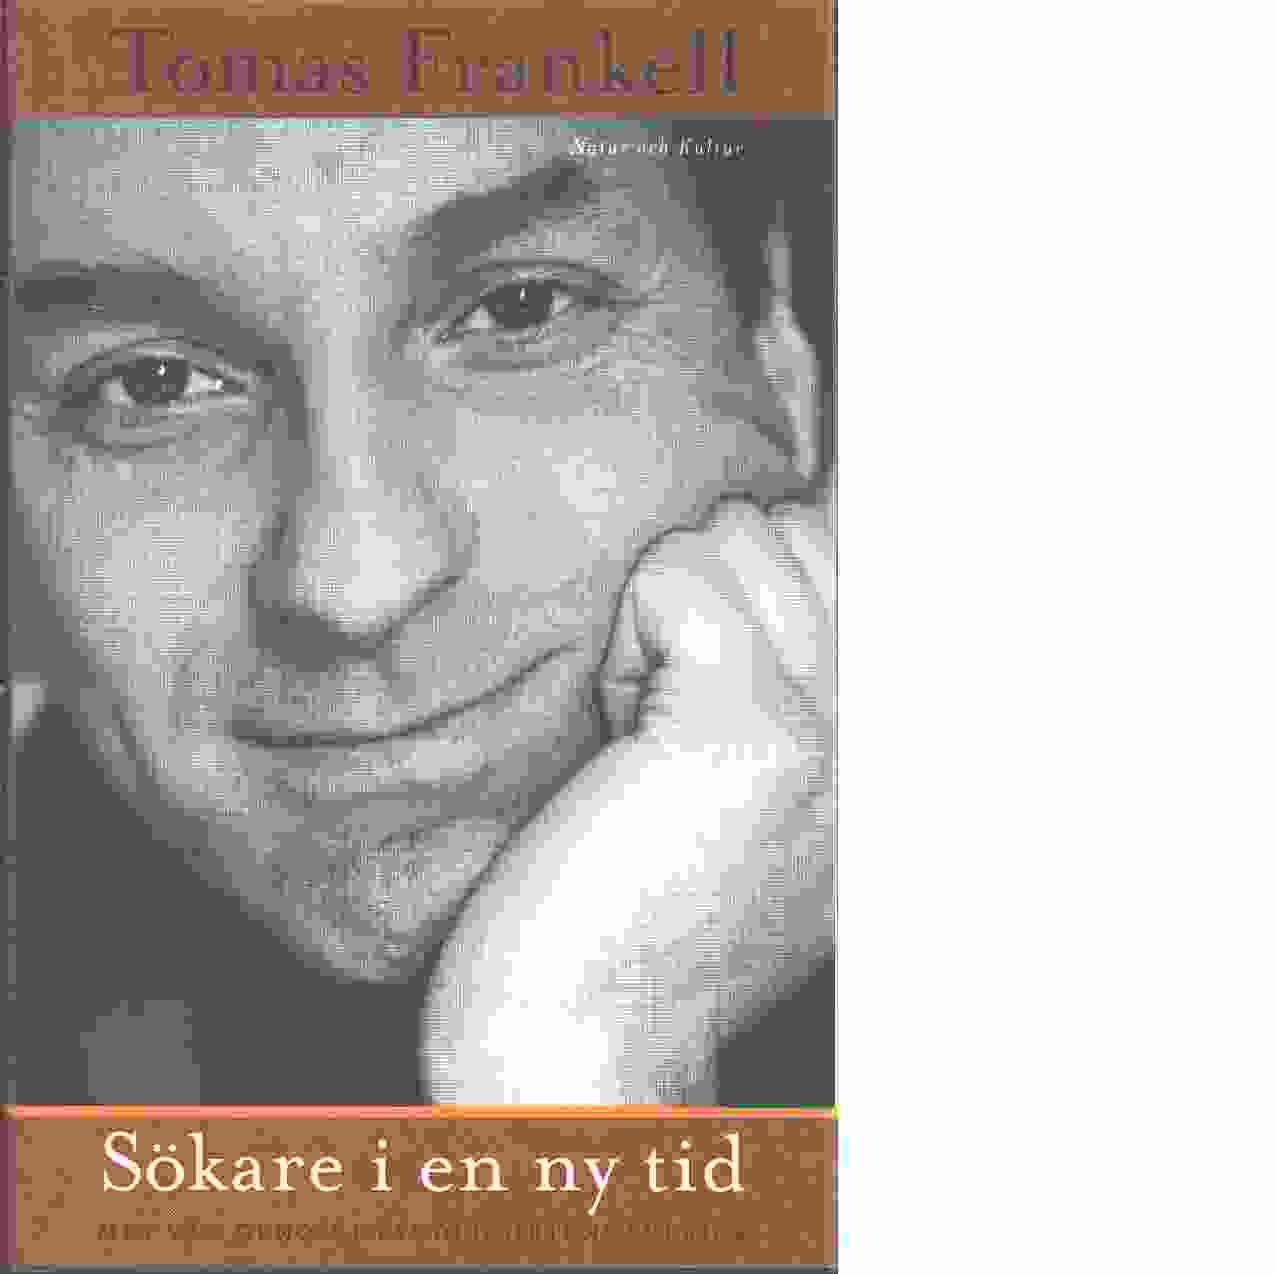 Sökare i en ny tid : min väg genom nyandlighetens Sverige - Frankell, Tomas